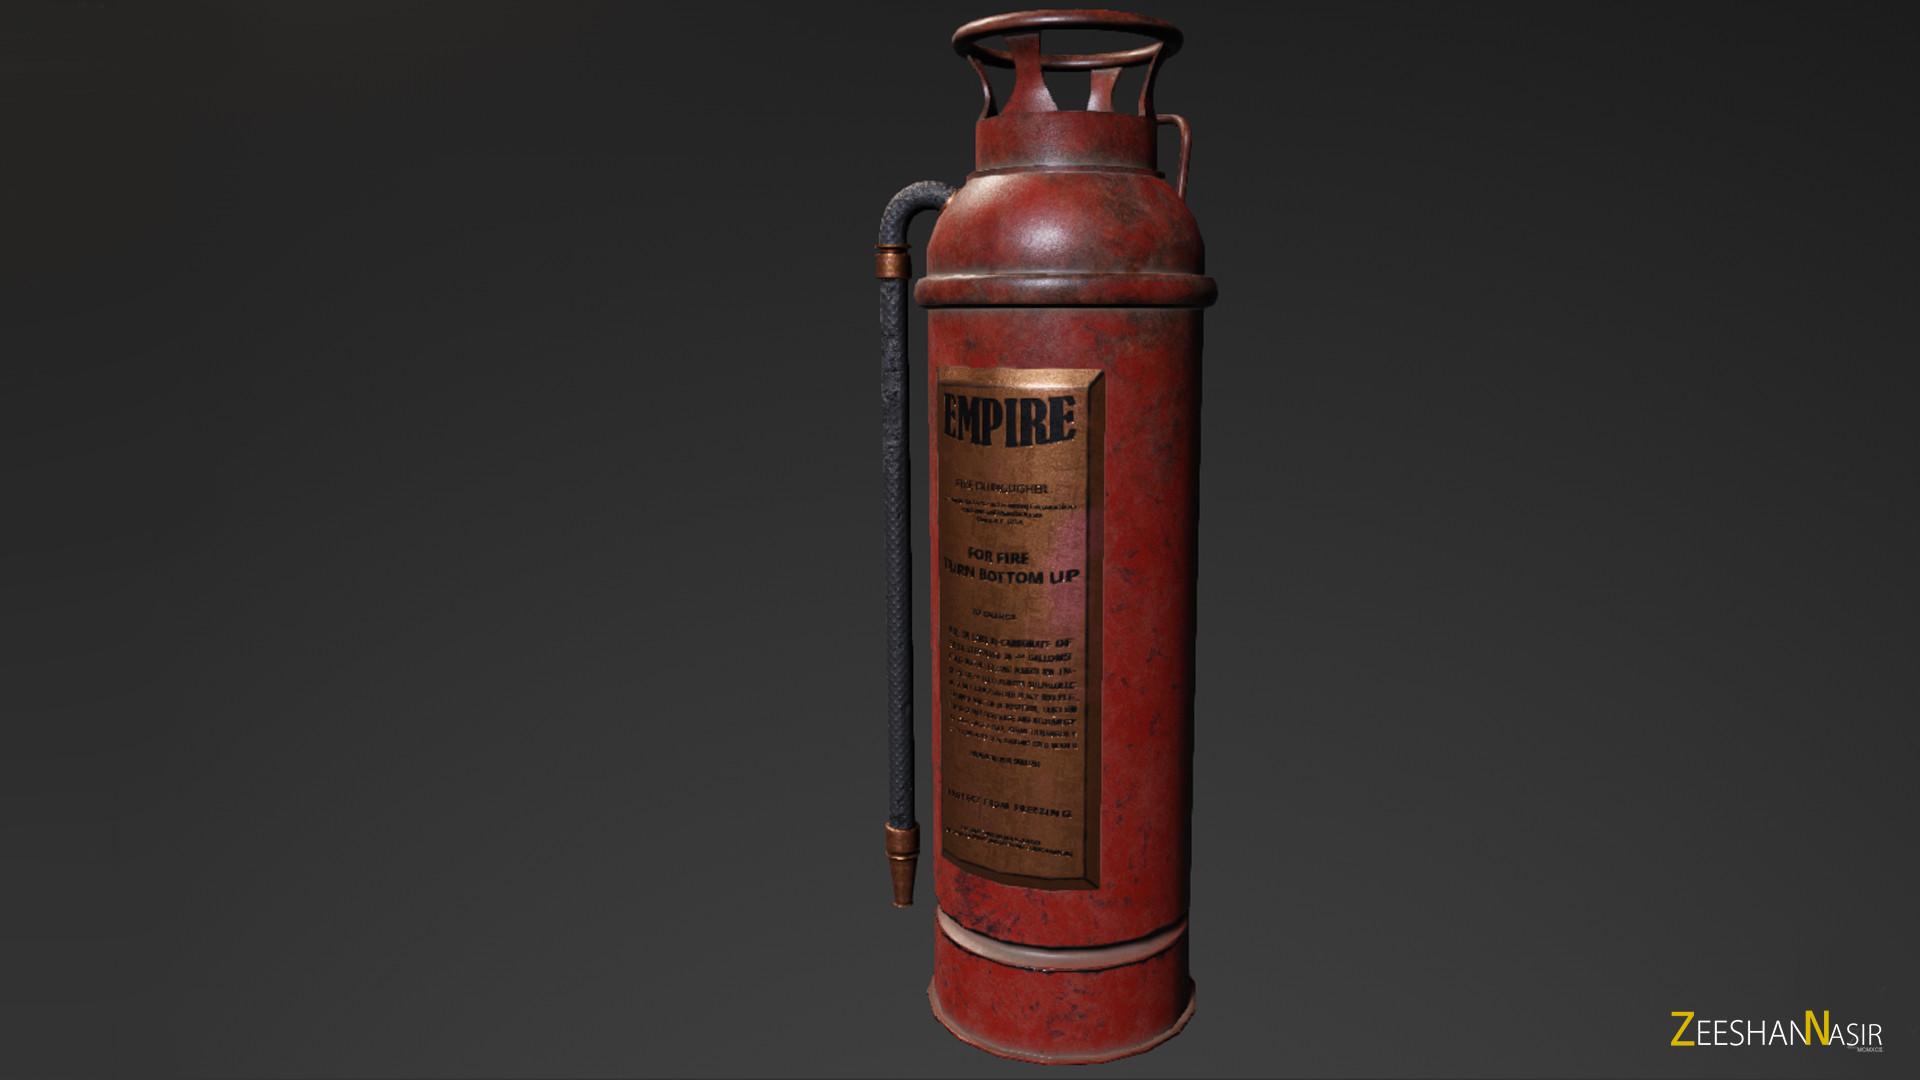 Zeeshan nasir fireextinguisher render 01